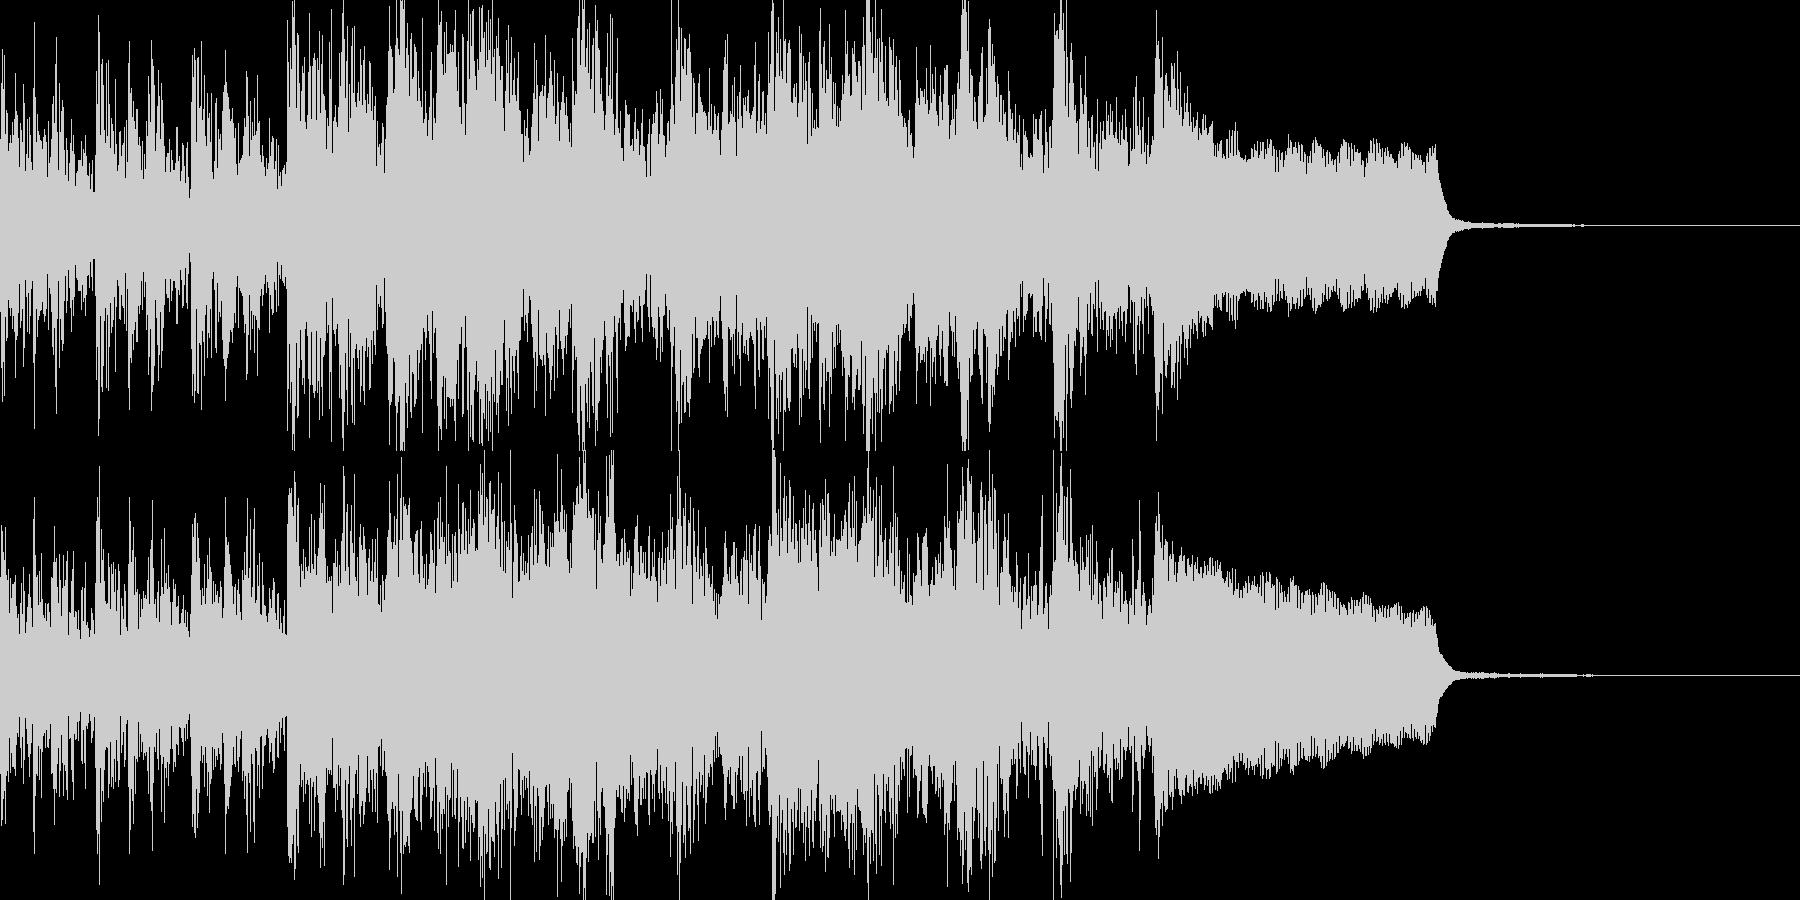 和太鼓、琴、笛で軽やかな和風ジングルの未再生の波形